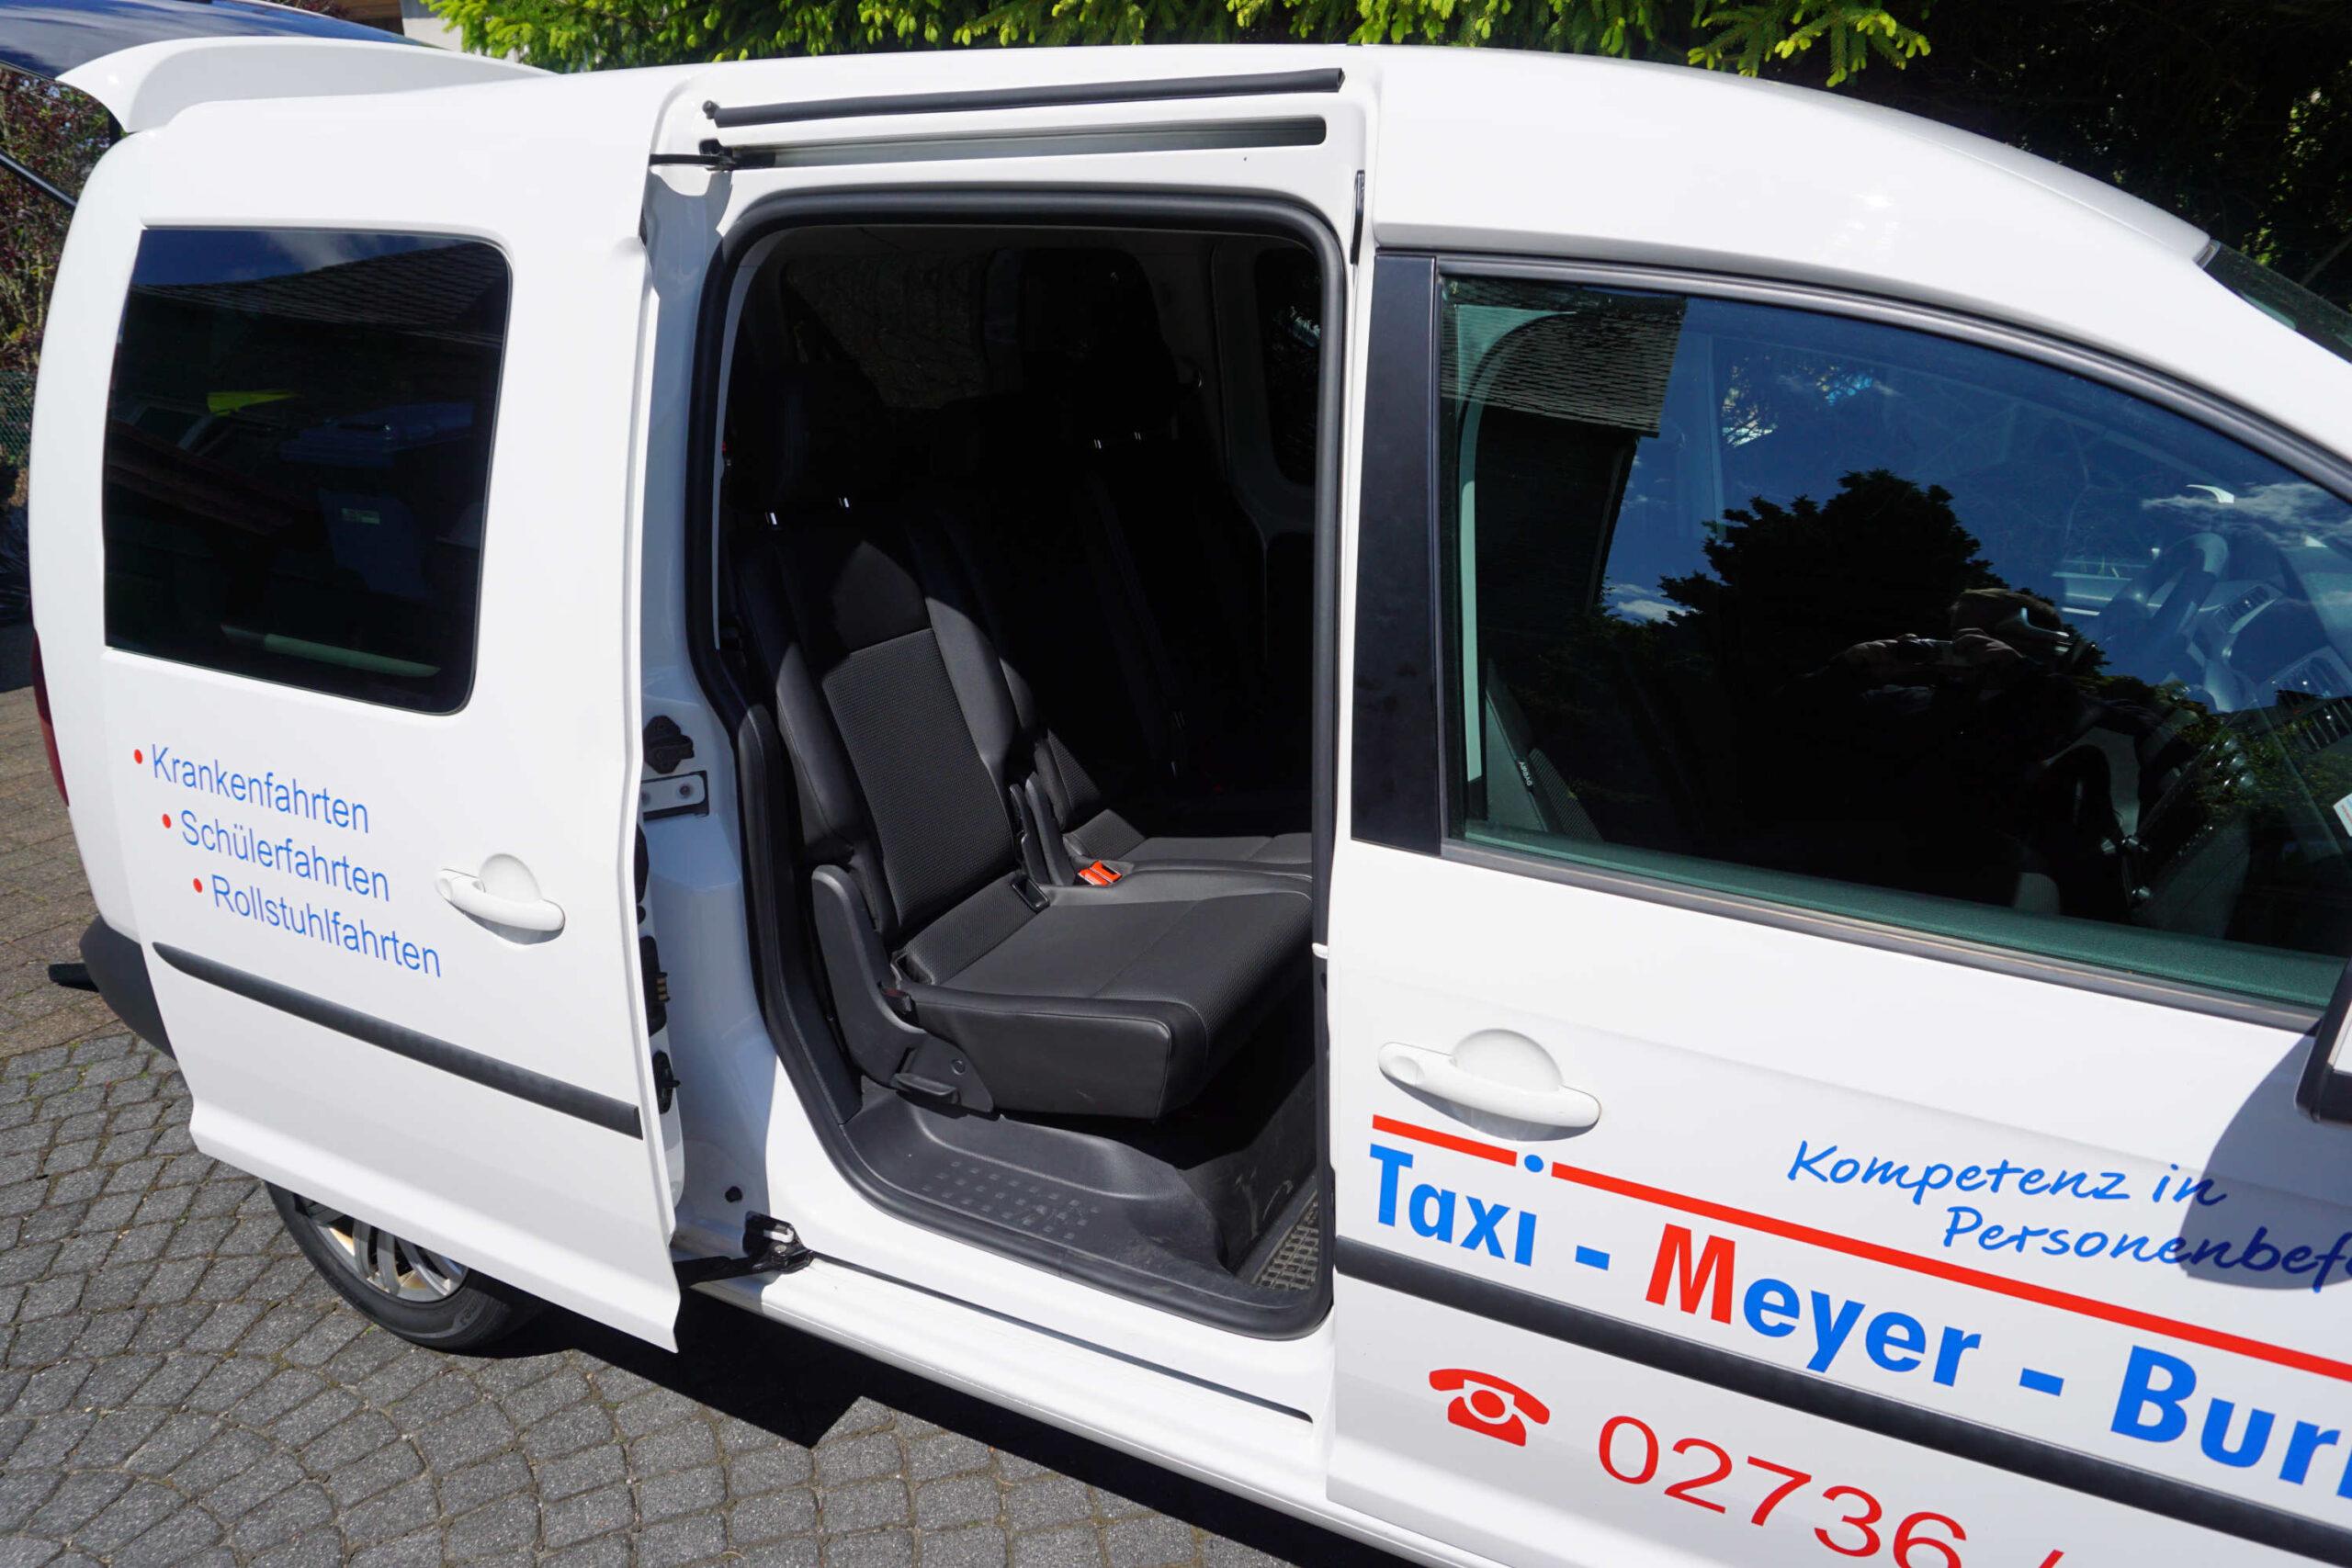 Rollstuhltaxi-burbach-taximeyer